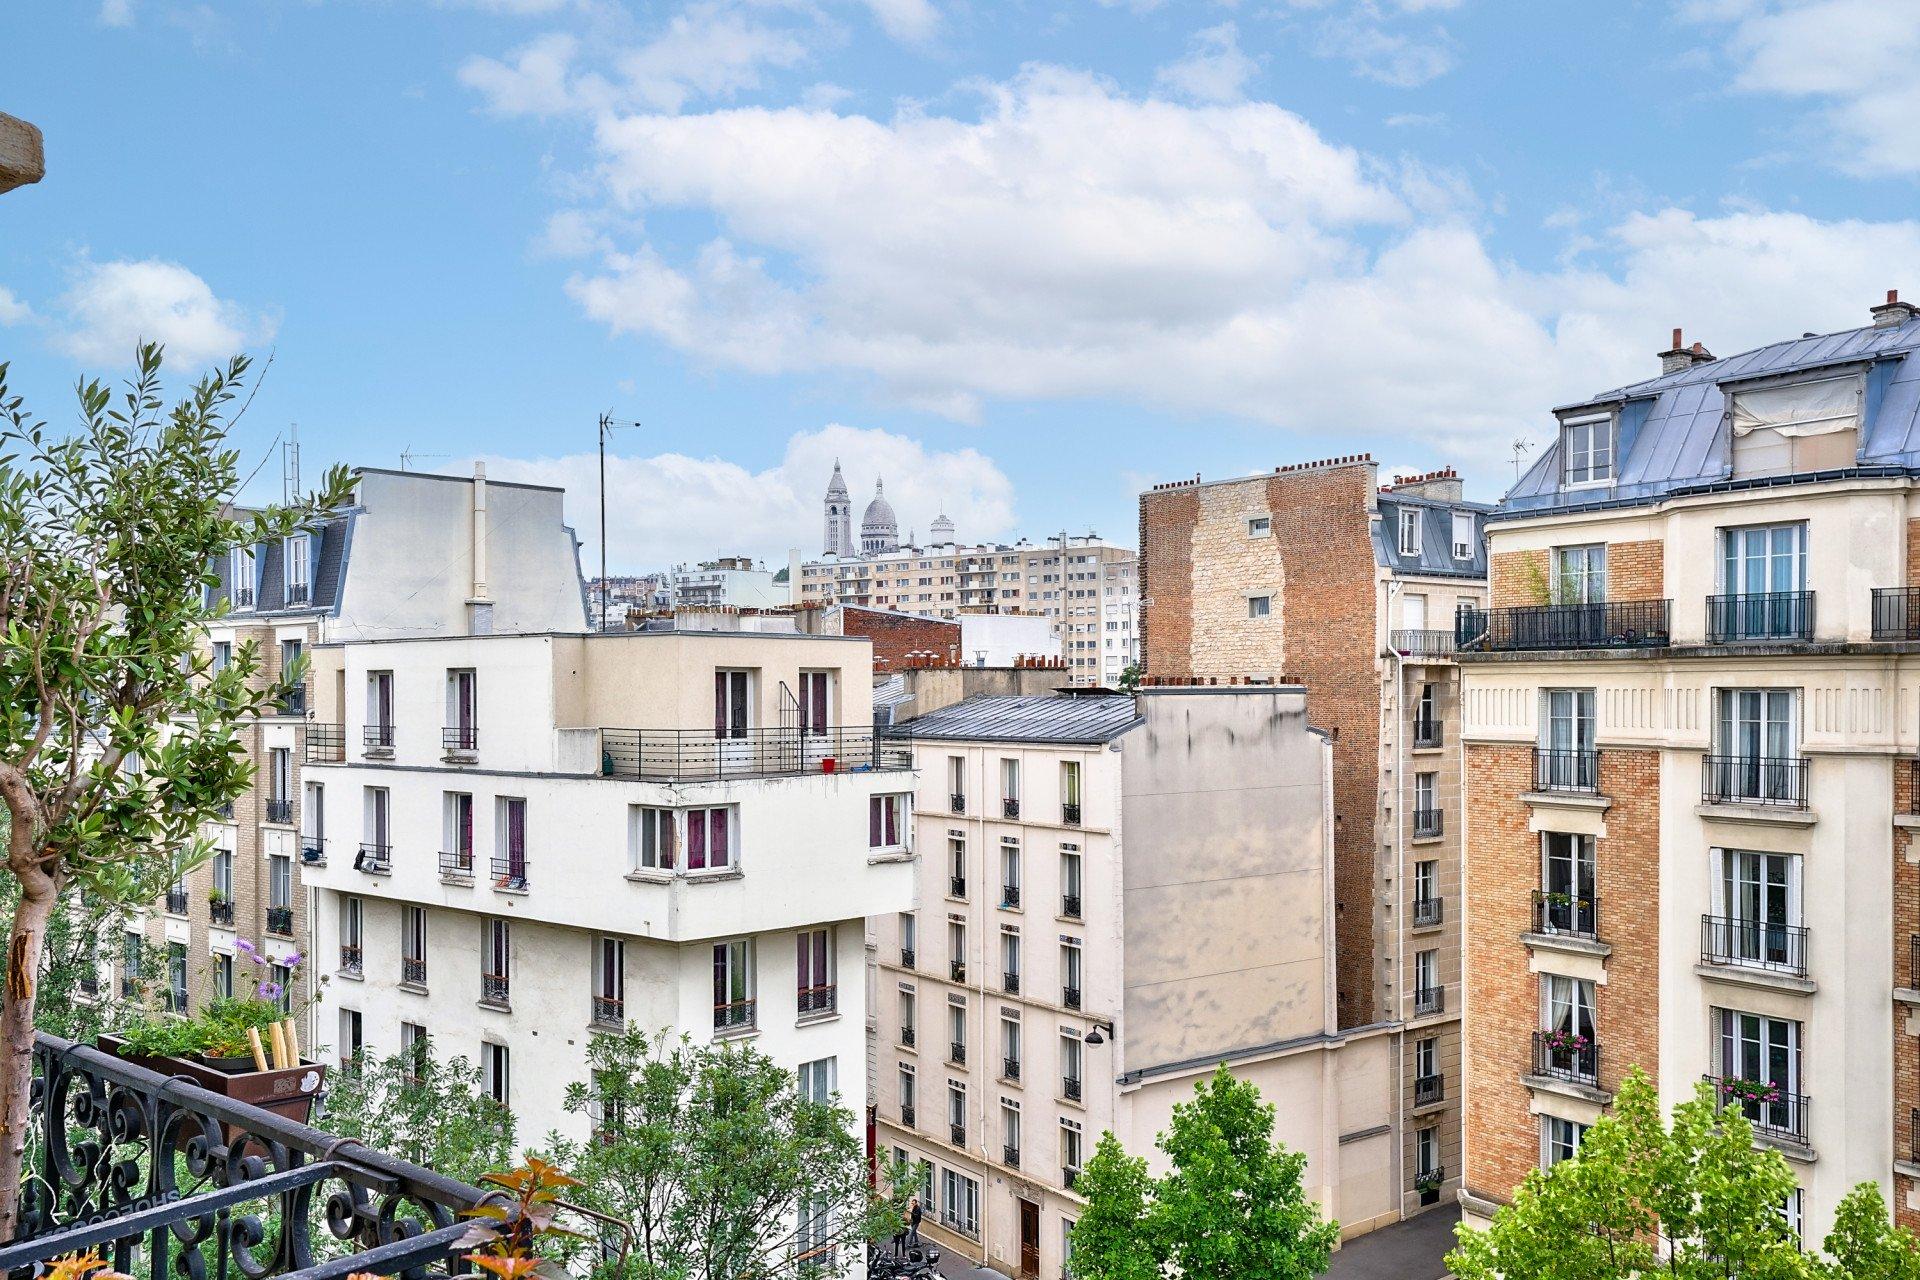 Paris - DAMRÉMONT / ORDENER - M° Lamarck - Caulaincourt / Jules Joffrin - 4 PIÈCES - TRAVERSANT - ÉTAGE ÉLÉVÉ ASCENSEUR - BALCON - SOLEIL - VUE DÉGAGÉE SACRÉ-COEUR, CIEL ET TOITS - CACHET MANIFESTE.